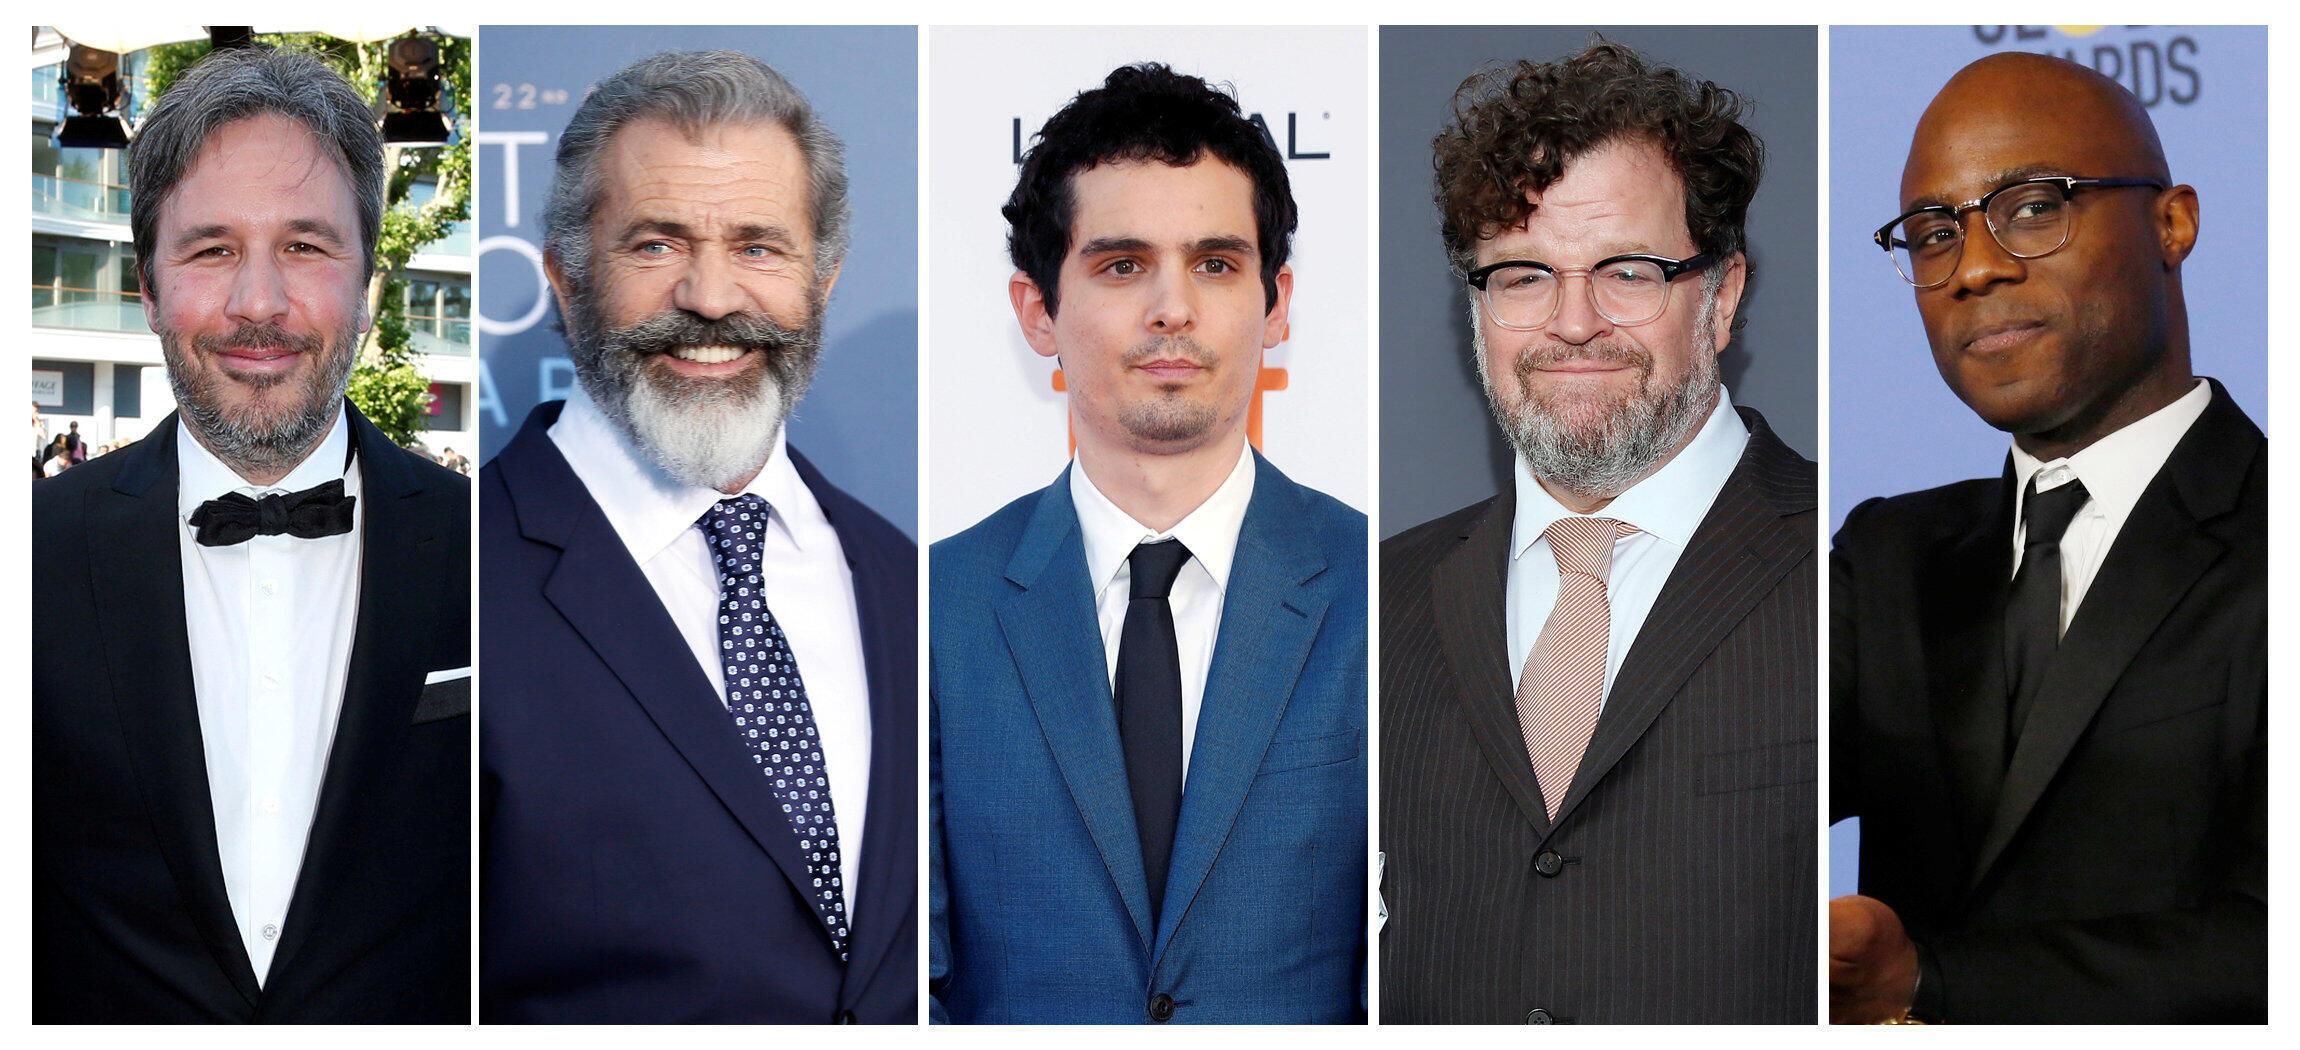 Melhor diretor: Denis Villeneuve, Mel Gibson, Damien Chazelle, Kenneth Lonergan e Barry Jenkins